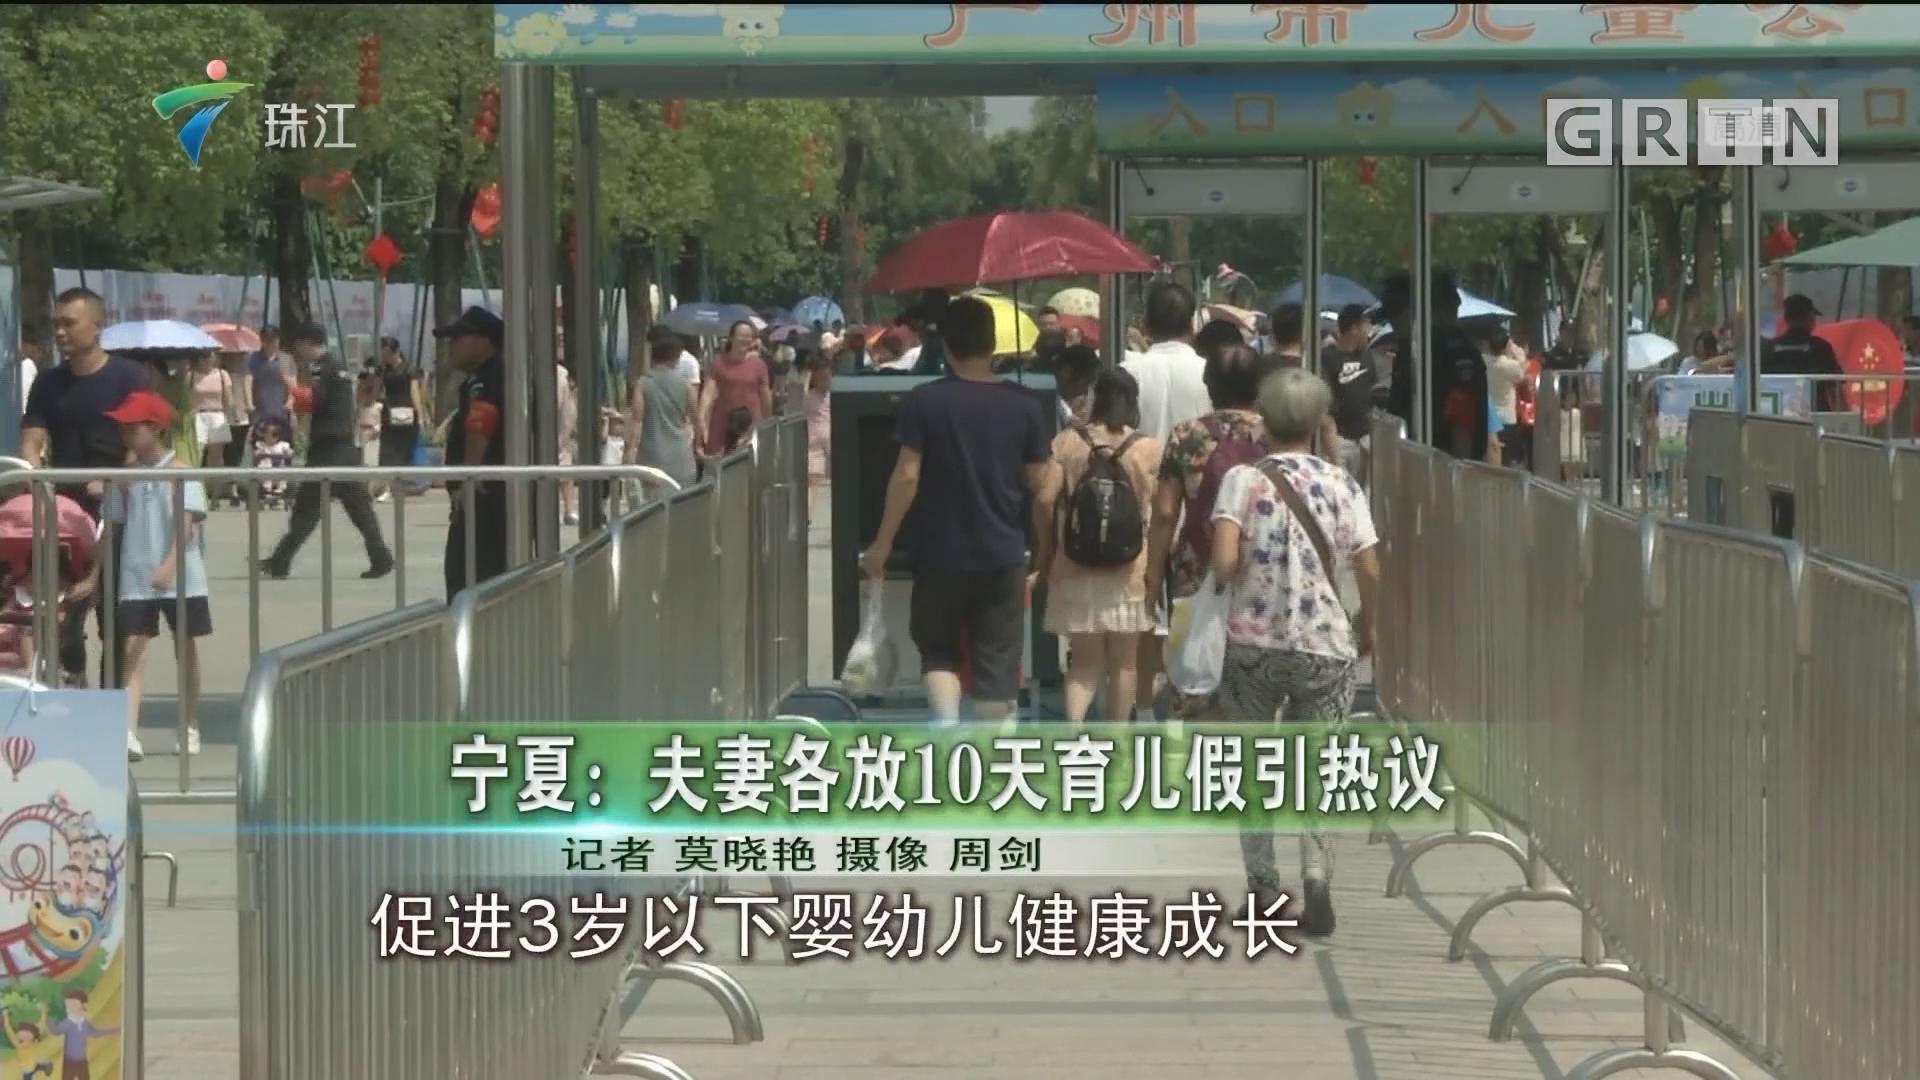 寧夏:夫妻各放10天育兒假引熱議